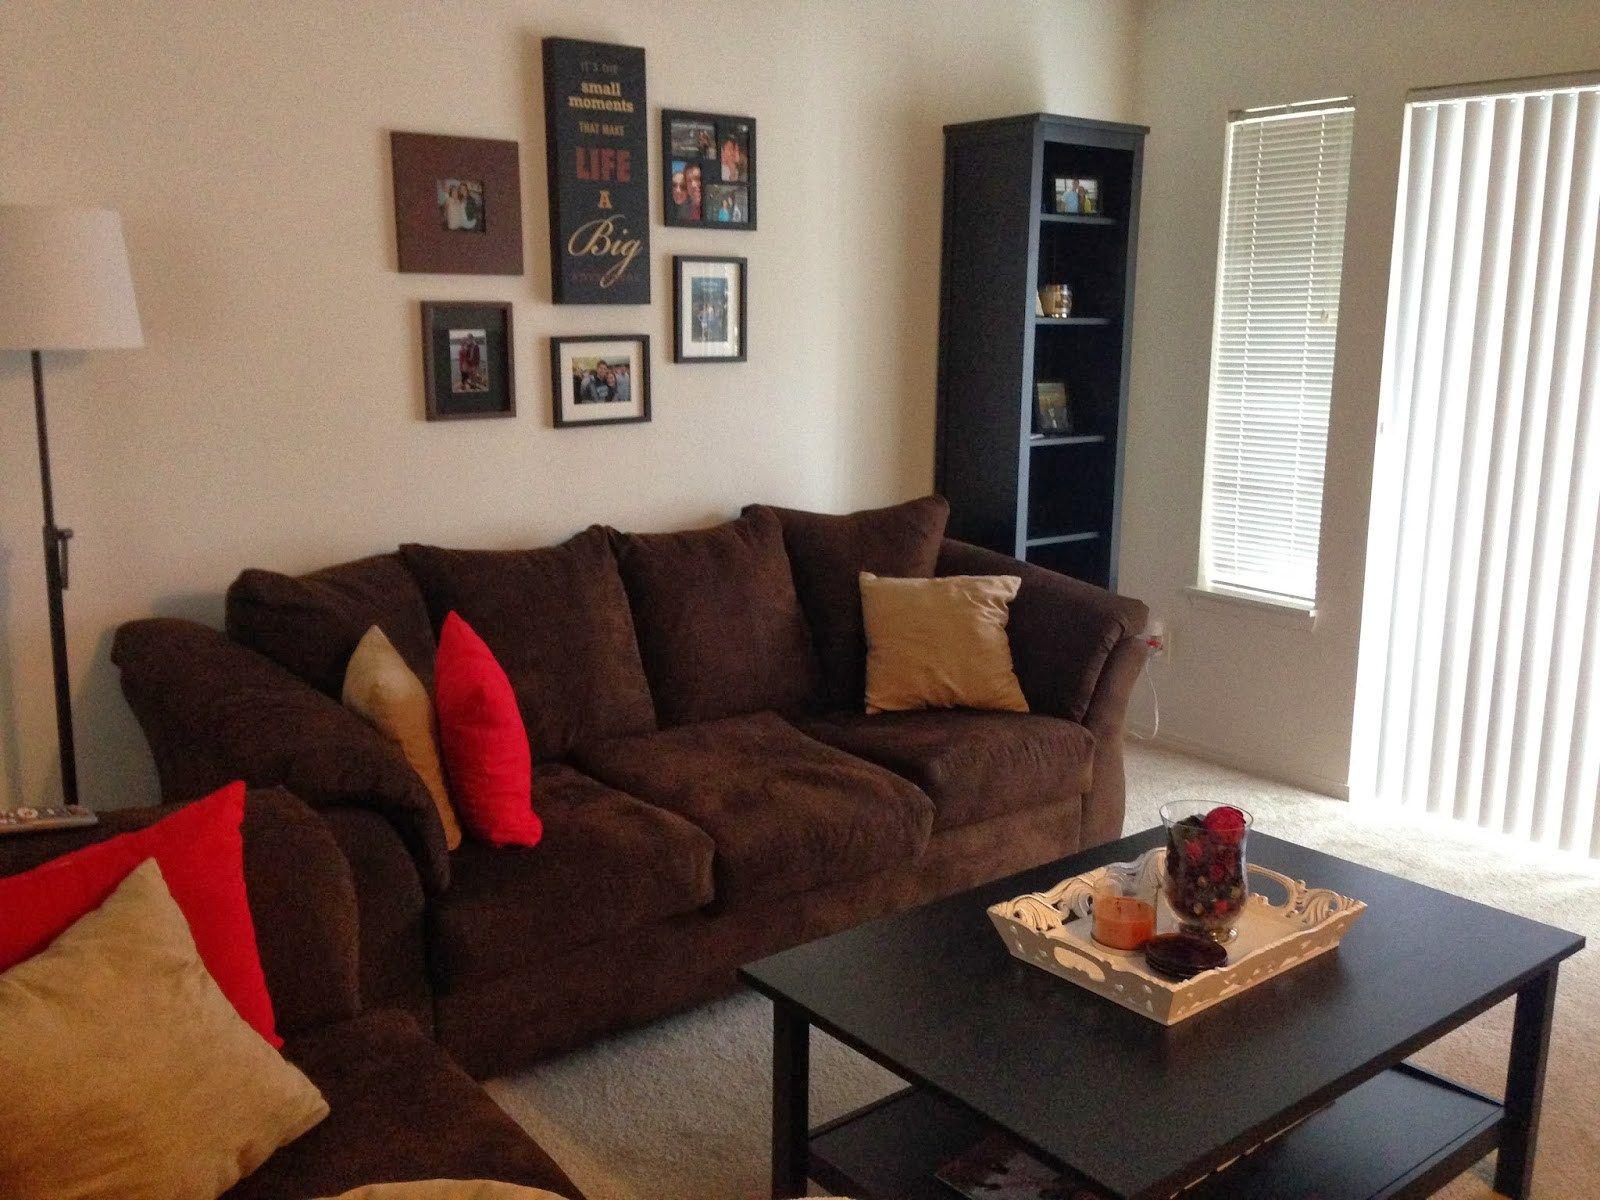 Bedroom Decorating Ideas Teenage Girls Tumblr Limestone Area Rugs Bedroom Large Bed Living Room Decor Brown Couch Red Living Room Decor Brown Couch Living Room #red #living #room #area #rugs